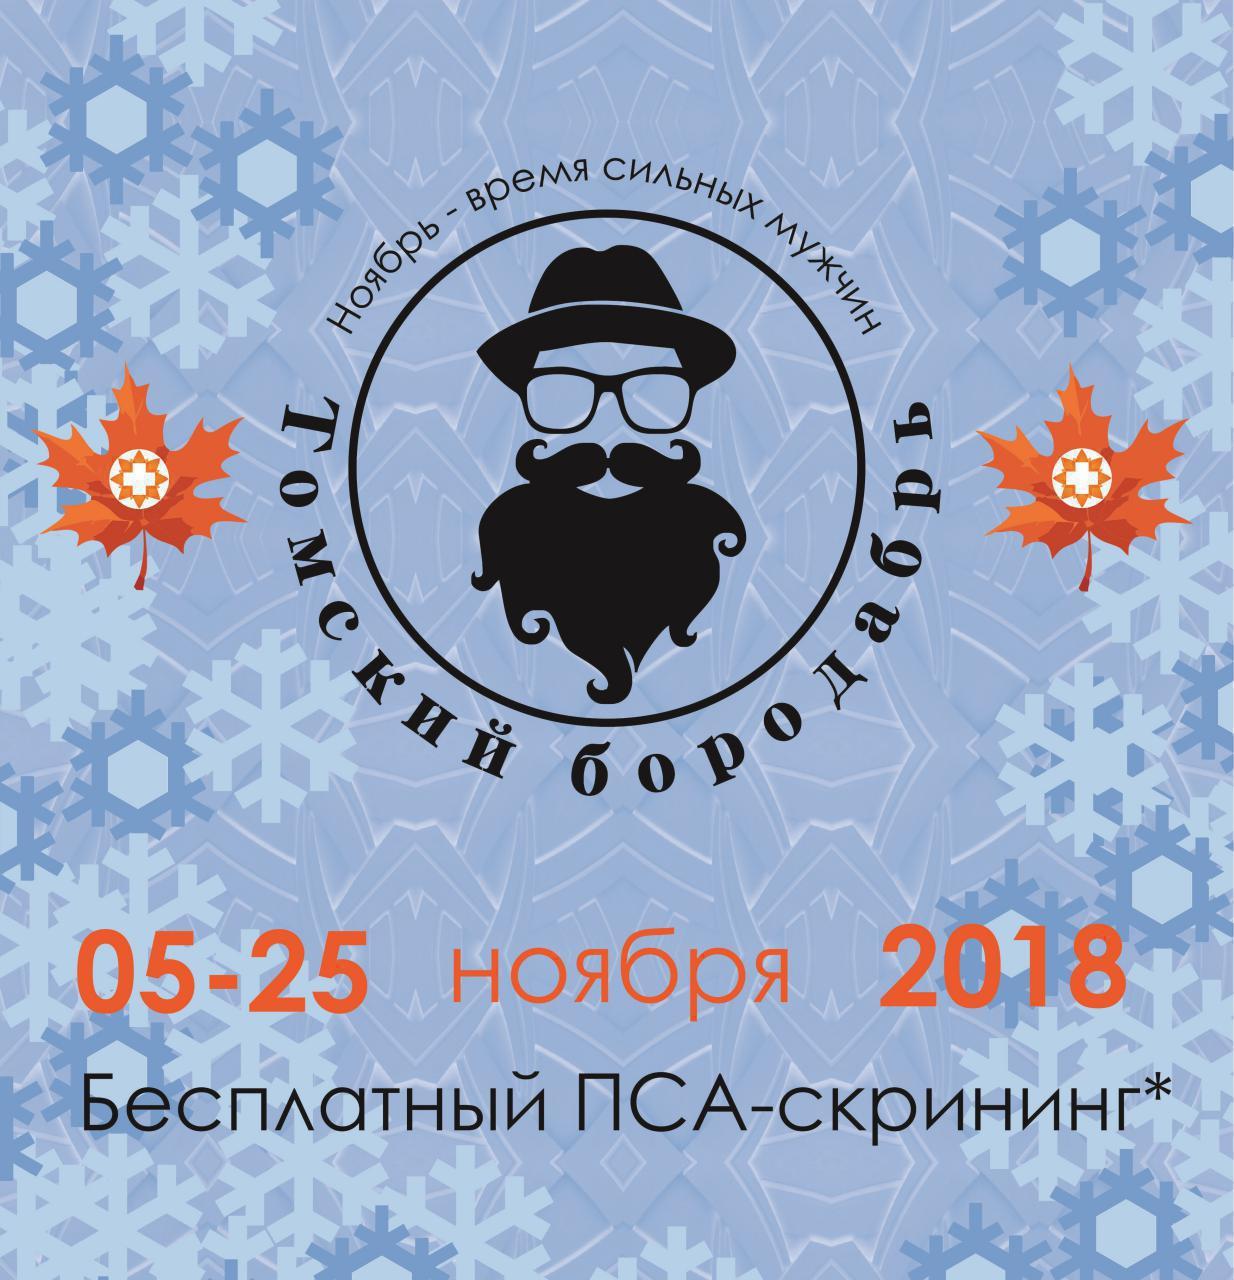 В регионе проходит акция по профилактике мужского здоровья _Томский бородабрь_